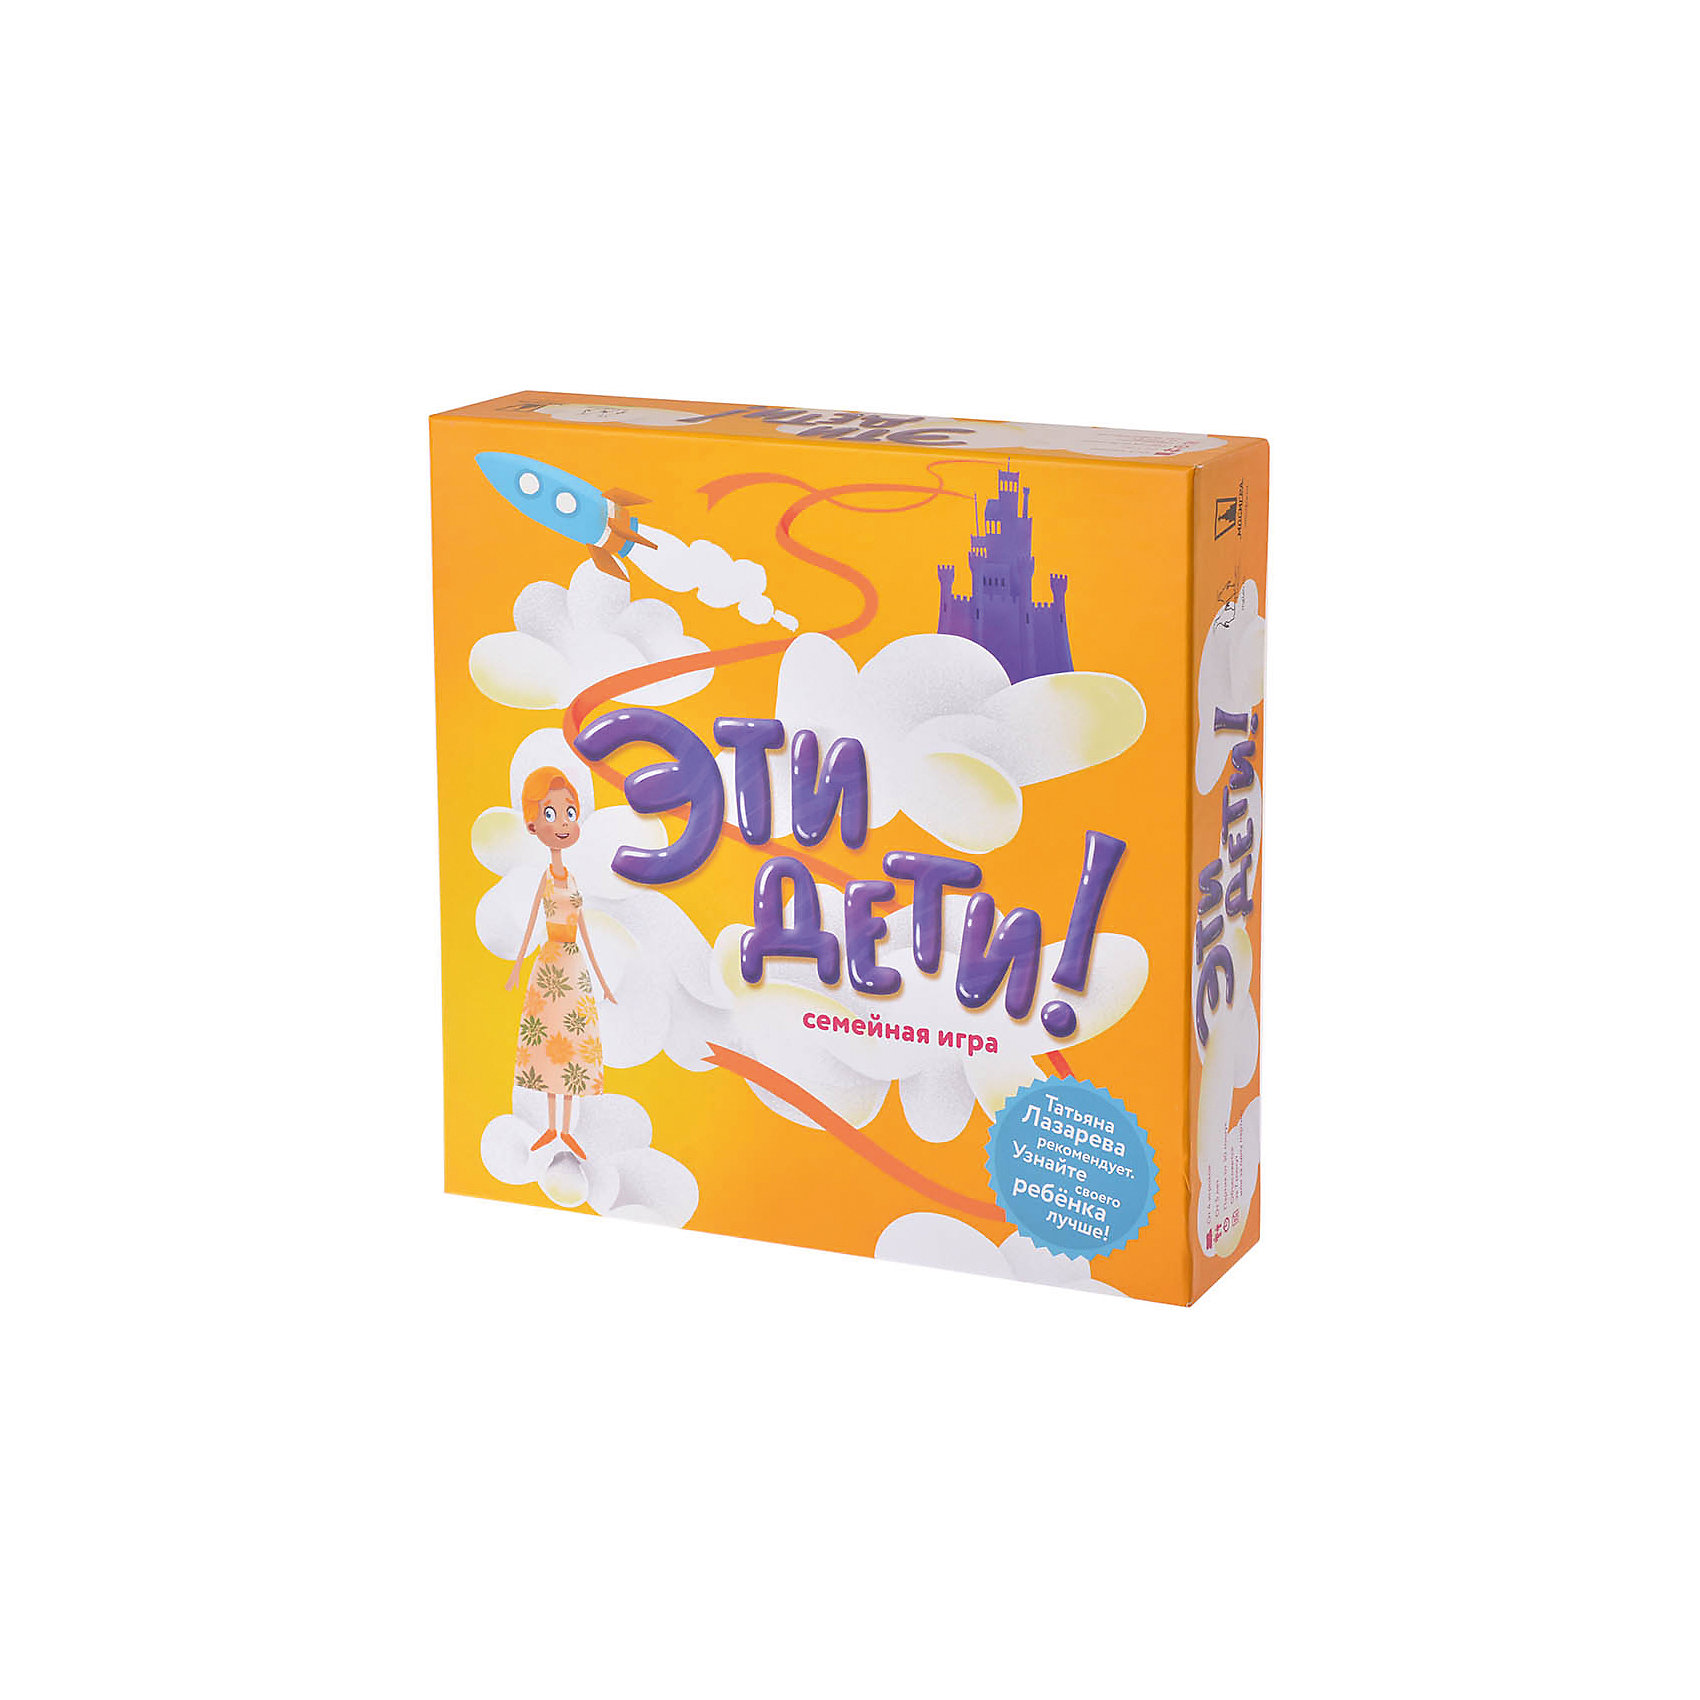 Настольная игра Эти дети, МагелланНастольные игры для всей семьи<br>Характеристики:<br><br>• возраст: от 6 лет<br>• комплектация: игровое поле с замком и драконом; 4 фишки на подставках для движения по полю; 55 карт заданий «Объясняйка»; 55 карт заданий «Угадайка»; 30 карт заданий «Нарисуйка»; 30 карт заданий «Выбирайка»; 30 карт заданий «Опознавайка»; 20 разноцветных фишек для голосования; 4 жетона с изображениями фигурок; правила.<br>• материал: картон<br>• количество игроков: от 4 человек<br>• время игры: 30 минут<br>• упаковка: картонная коробка<br>• размер упаковки: 25,5х25,5х5,5 см.<br>• вес: 830 гр.<br><br>Настольная игра «Эти дети» создана по мотивам передачи Татьяны Лазаревой «Это мой ребёнок!». Игра научит вас думать, также как ваш ребёнок, отвечать на вопросы, также как ваш ребёнок, и вообще чуточку больше понимать характер вашего ребёнка.<br><br>Вам нужно разделиться на команды родителей с детьми (если играете в кругу семьи, мама может играть с одним ребёнком, а папа с другим). Брать карточки и выполнять задания.<br>•«Объясняйка» — по трём словам нужно угадать, что пытался описать ребёнок. Например, «курица, суп и компот» — это обед!<br>•«Угадайка» — угадать ответ ребёнка на вопрос, где есть всего пара вариантов ответа. Что нужнее: расчёска или зубная щётка?<br>•«Выбирайка» — нужно угадать предметы, которые выбрал ваш ребёнок. Например, из 15 разных вещей — то, что пригодится на необитаемом острове.<br>•«Нарисуйка» — нужно просто узнать рисунок своего ребёнка среди других.<br>•«Опознавайка» — взрослые пытаются узнать своих детей по косвенным признакам, например: по размеру запястья, рукопожатию или по манере двигаться.<br><br>Кто правильно отгадывает, тот набирает очки. Так что выиграет семья, в которой родители лучше знают своих детей.<br><br>Игра отлично подходит для праздников, где много взрослых с детьми, сплачивает семьи и объединяет друзей.<br><br>Настольную игру Эти дети, Магеллан можно купить в нашем интернет-магазине.<br><br>Ширина мм: 255<br>Гл